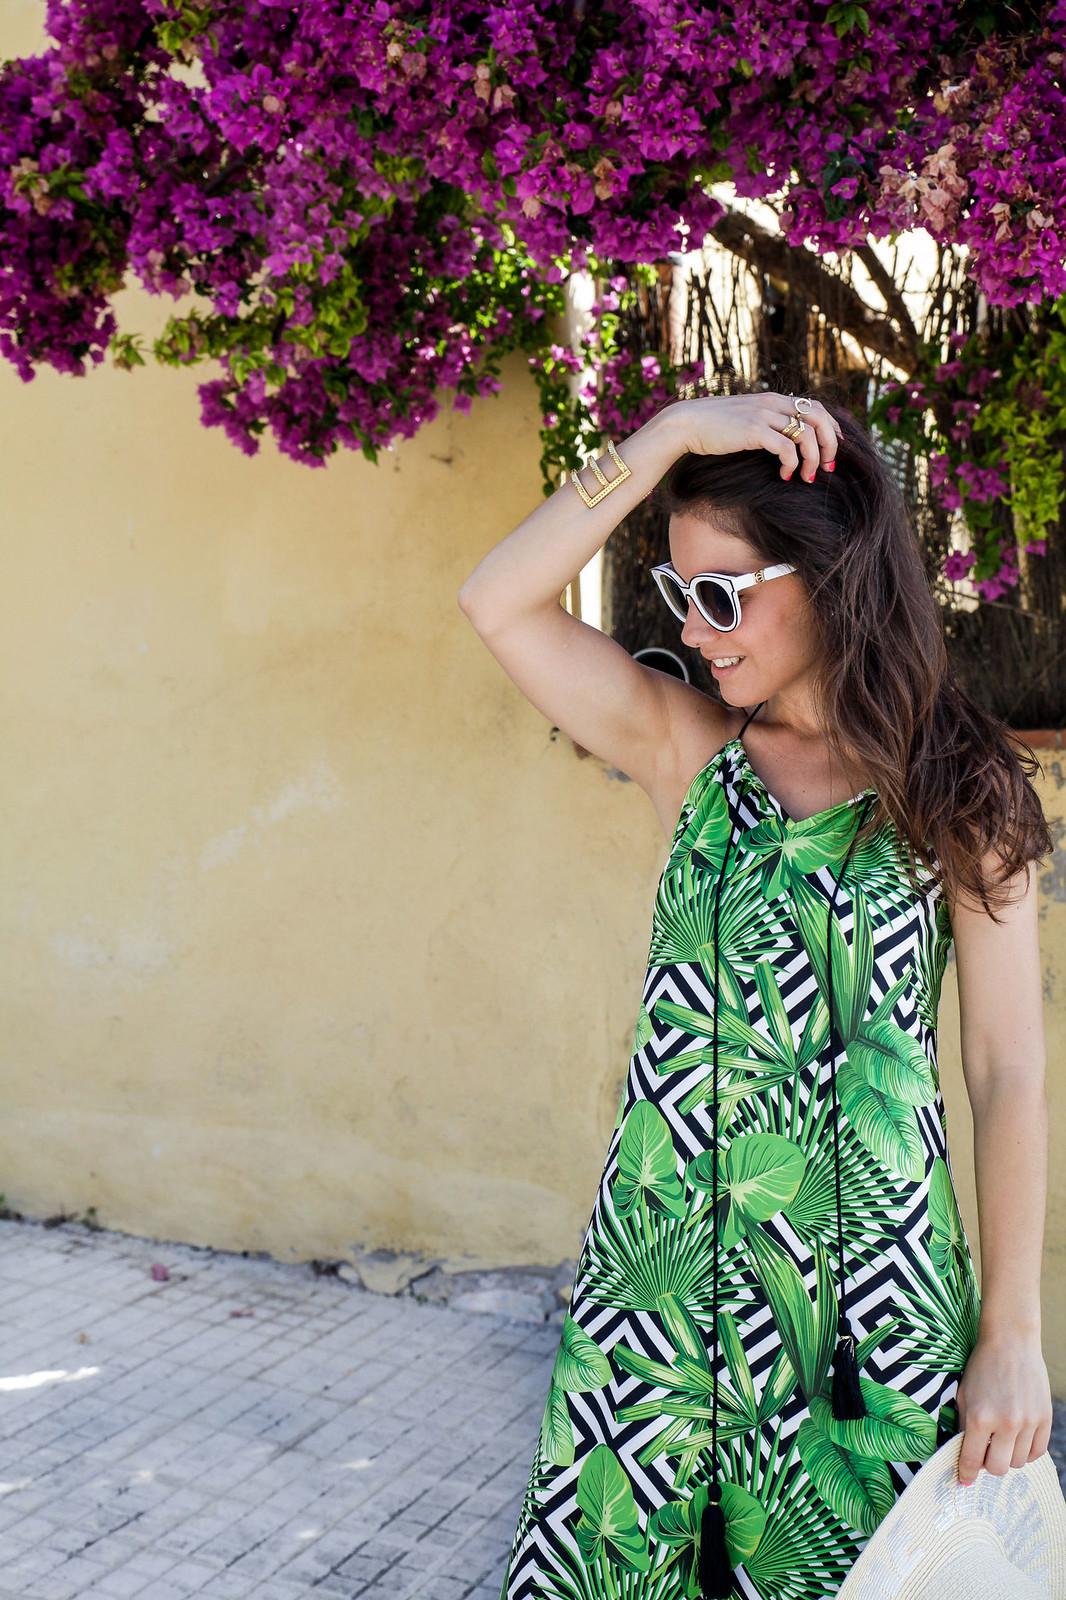 02_vestido_palmeras_tendencia_verano_theguestgirl_rüga_portugal